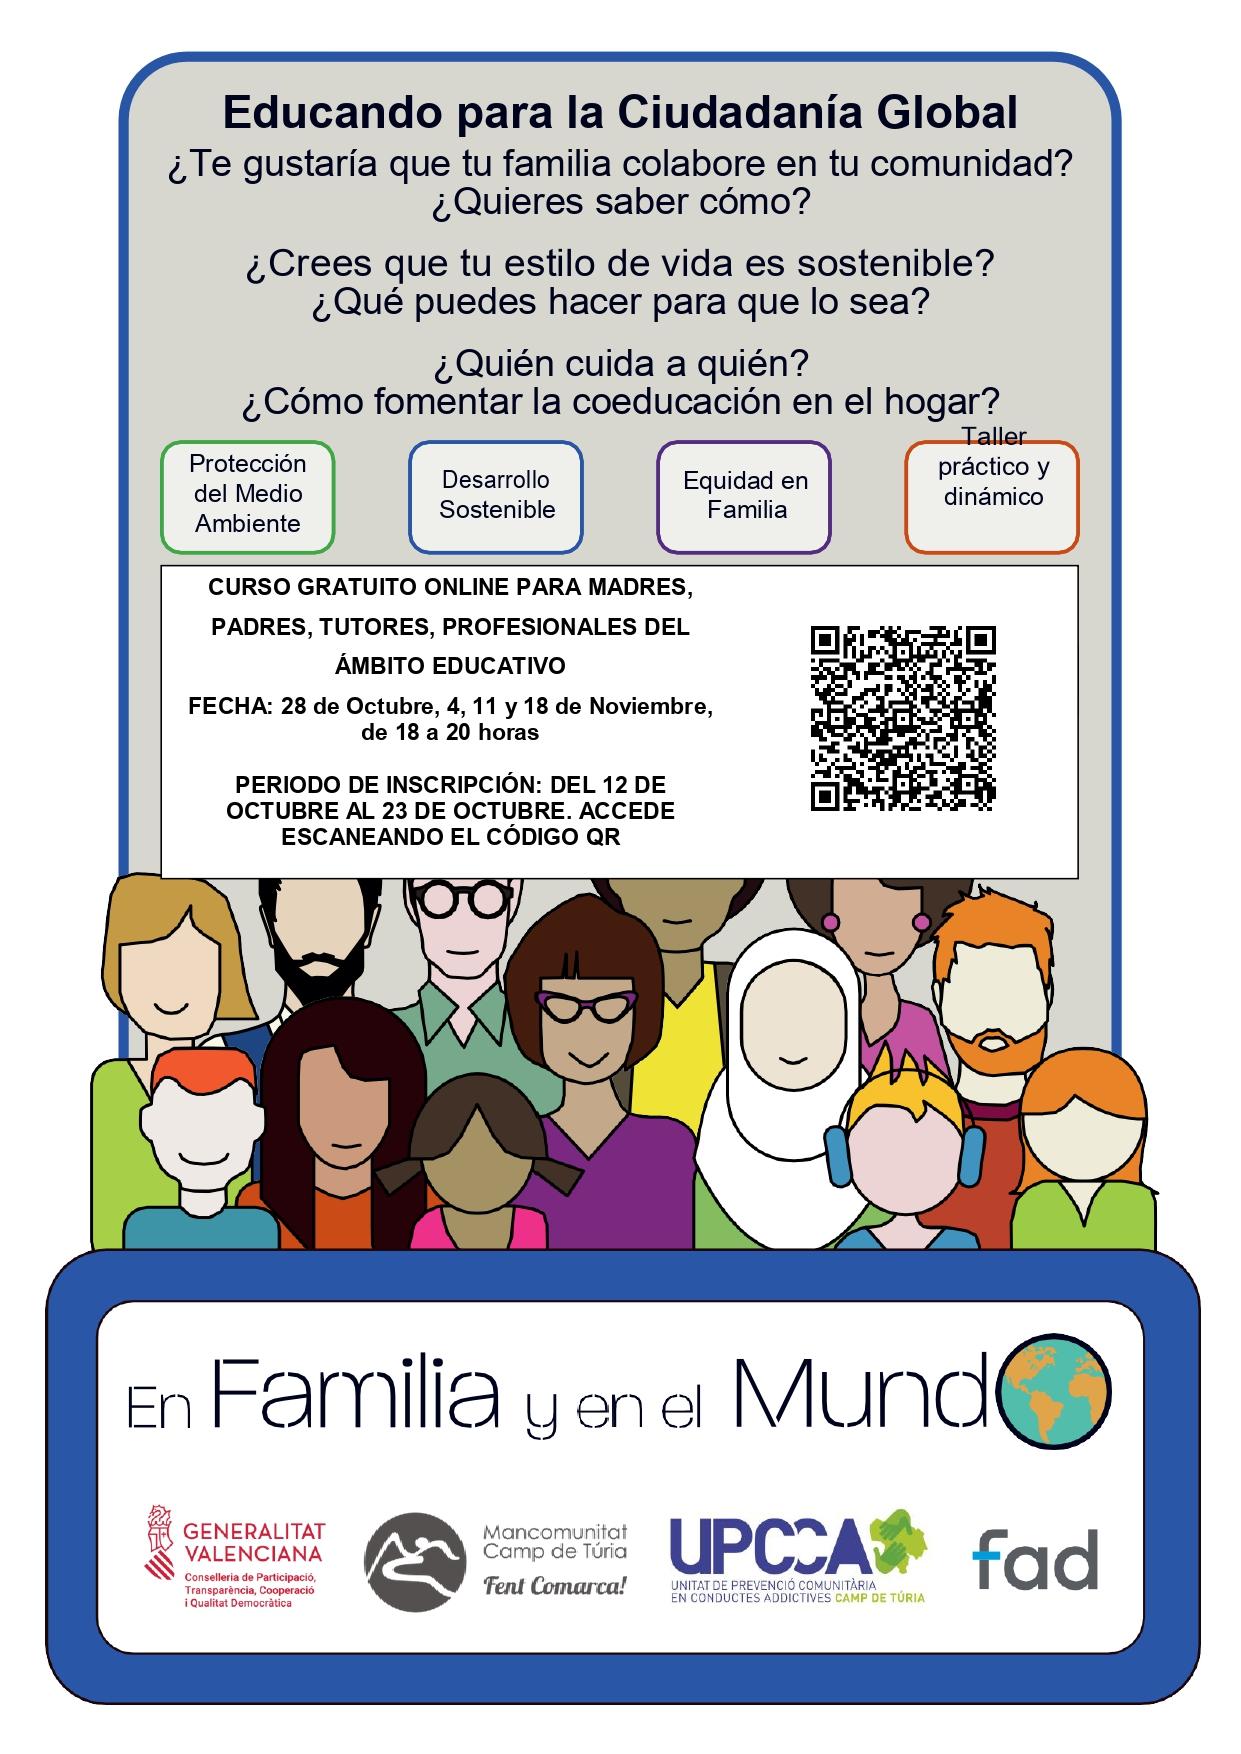 La FAD ofrece un curso de formación online gratuito para familias sobre educación global y desarrollo sostenible